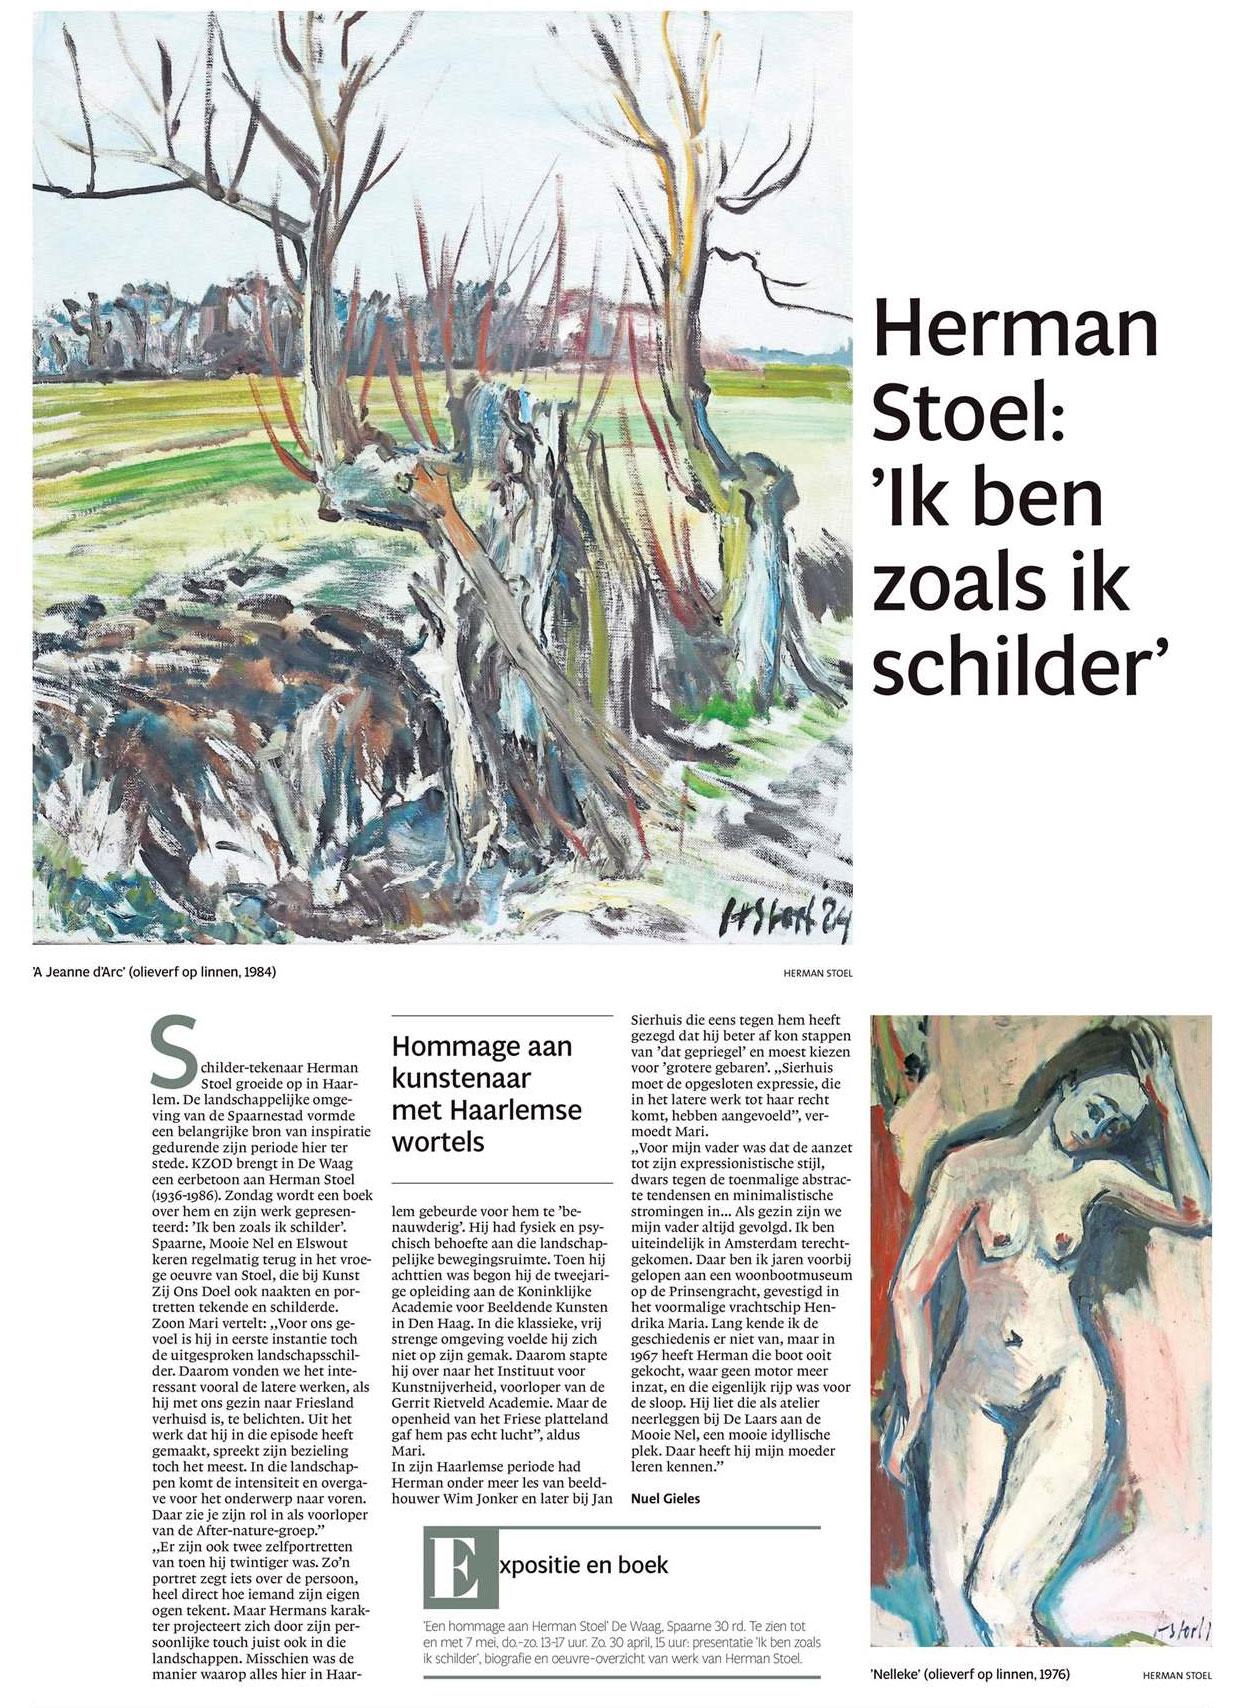 Herman Stoel: 'Ik ben zoals ik schilder'